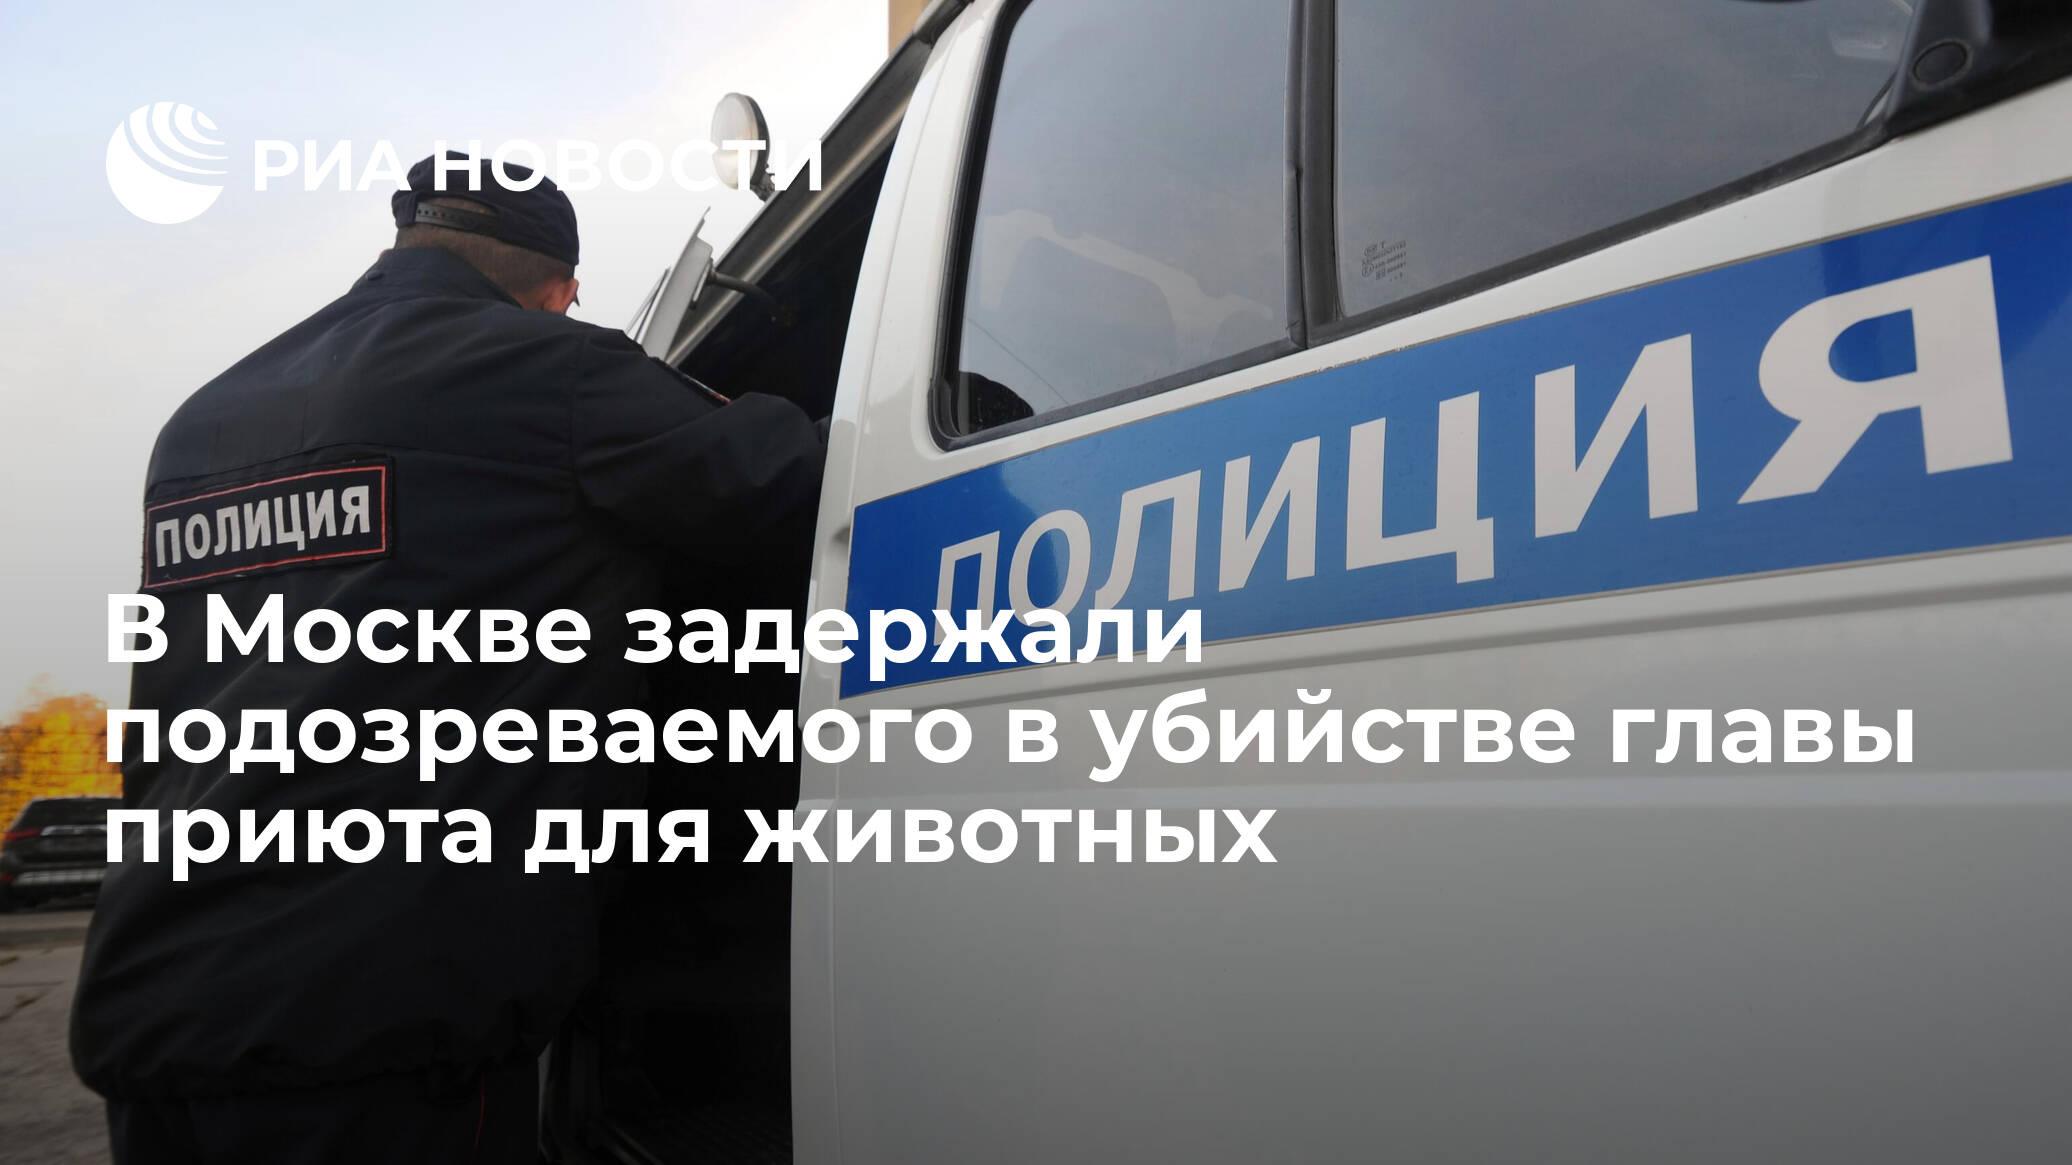 В Москве задержали подозреваемого в убийстве главы приюта...